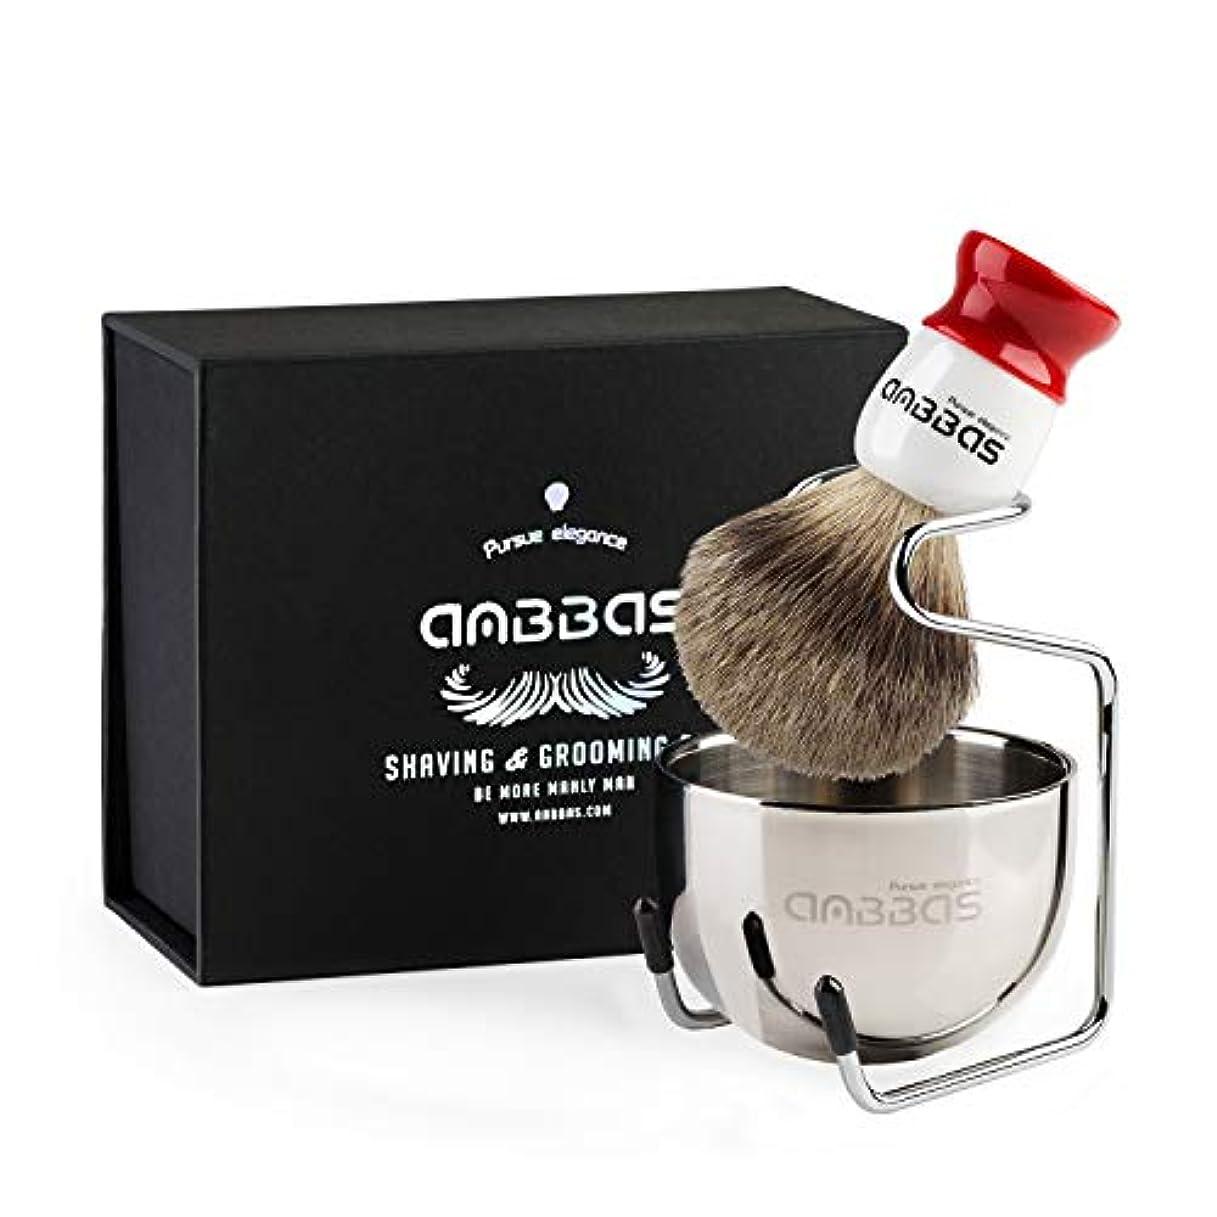 姿を消すの配列ノートひげブラシ Anbbasシェービングブラシ 純粋なバッガーヘア 髭剃り 泡立ち 洗顔ブラシ メンズ (3点セット)